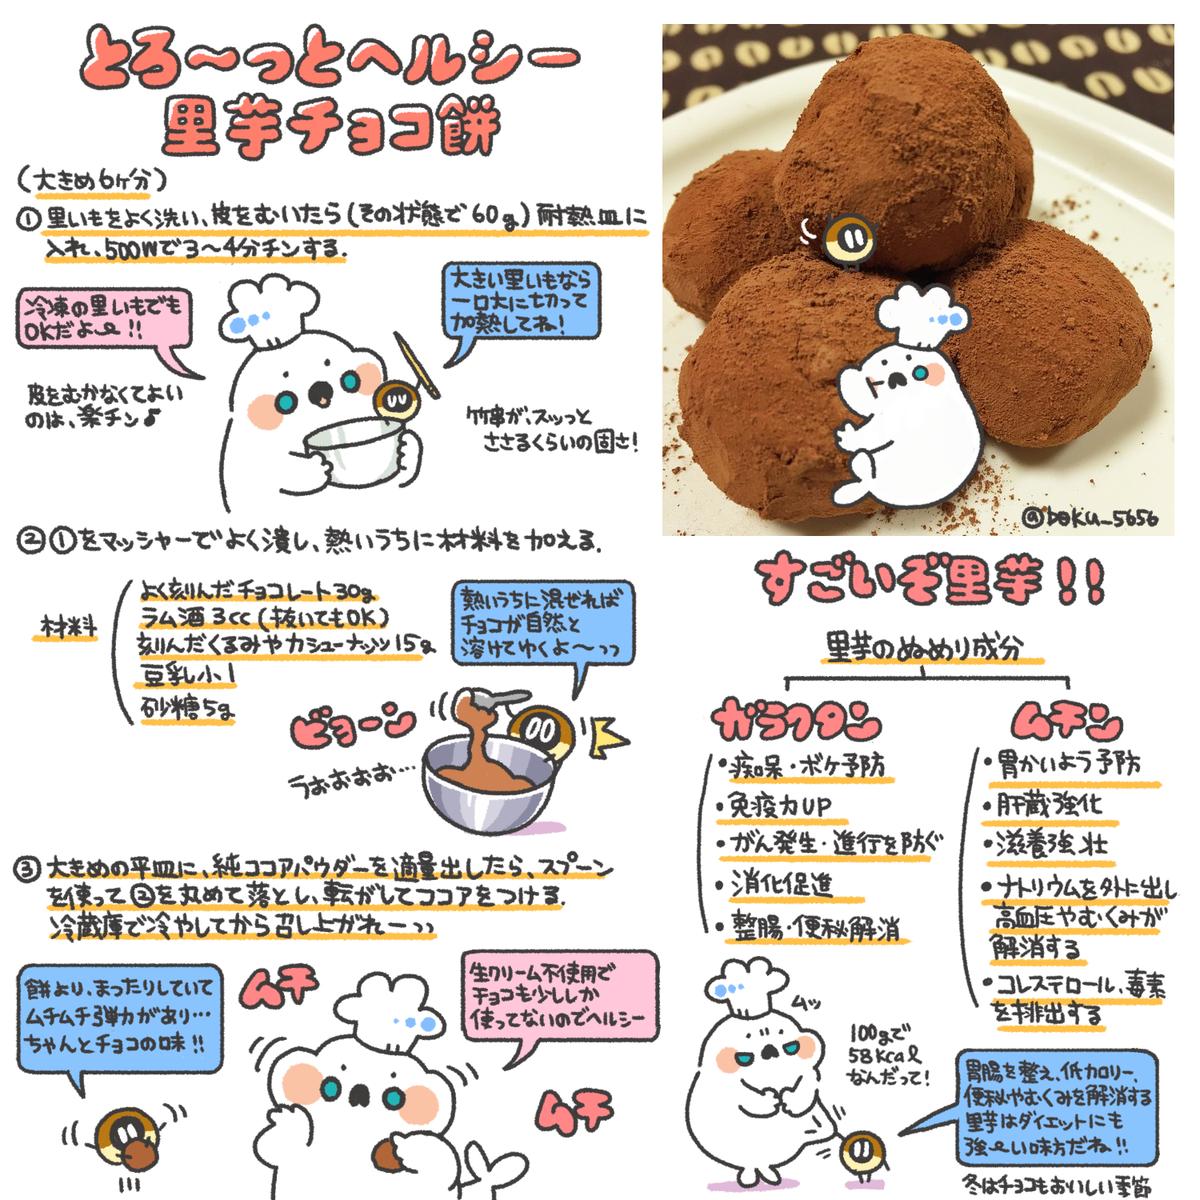 とろ〜っとヘルシー!里芋チョコ餅のレシピまとめました!✧٩( OO )و ✧ , ツイナビ